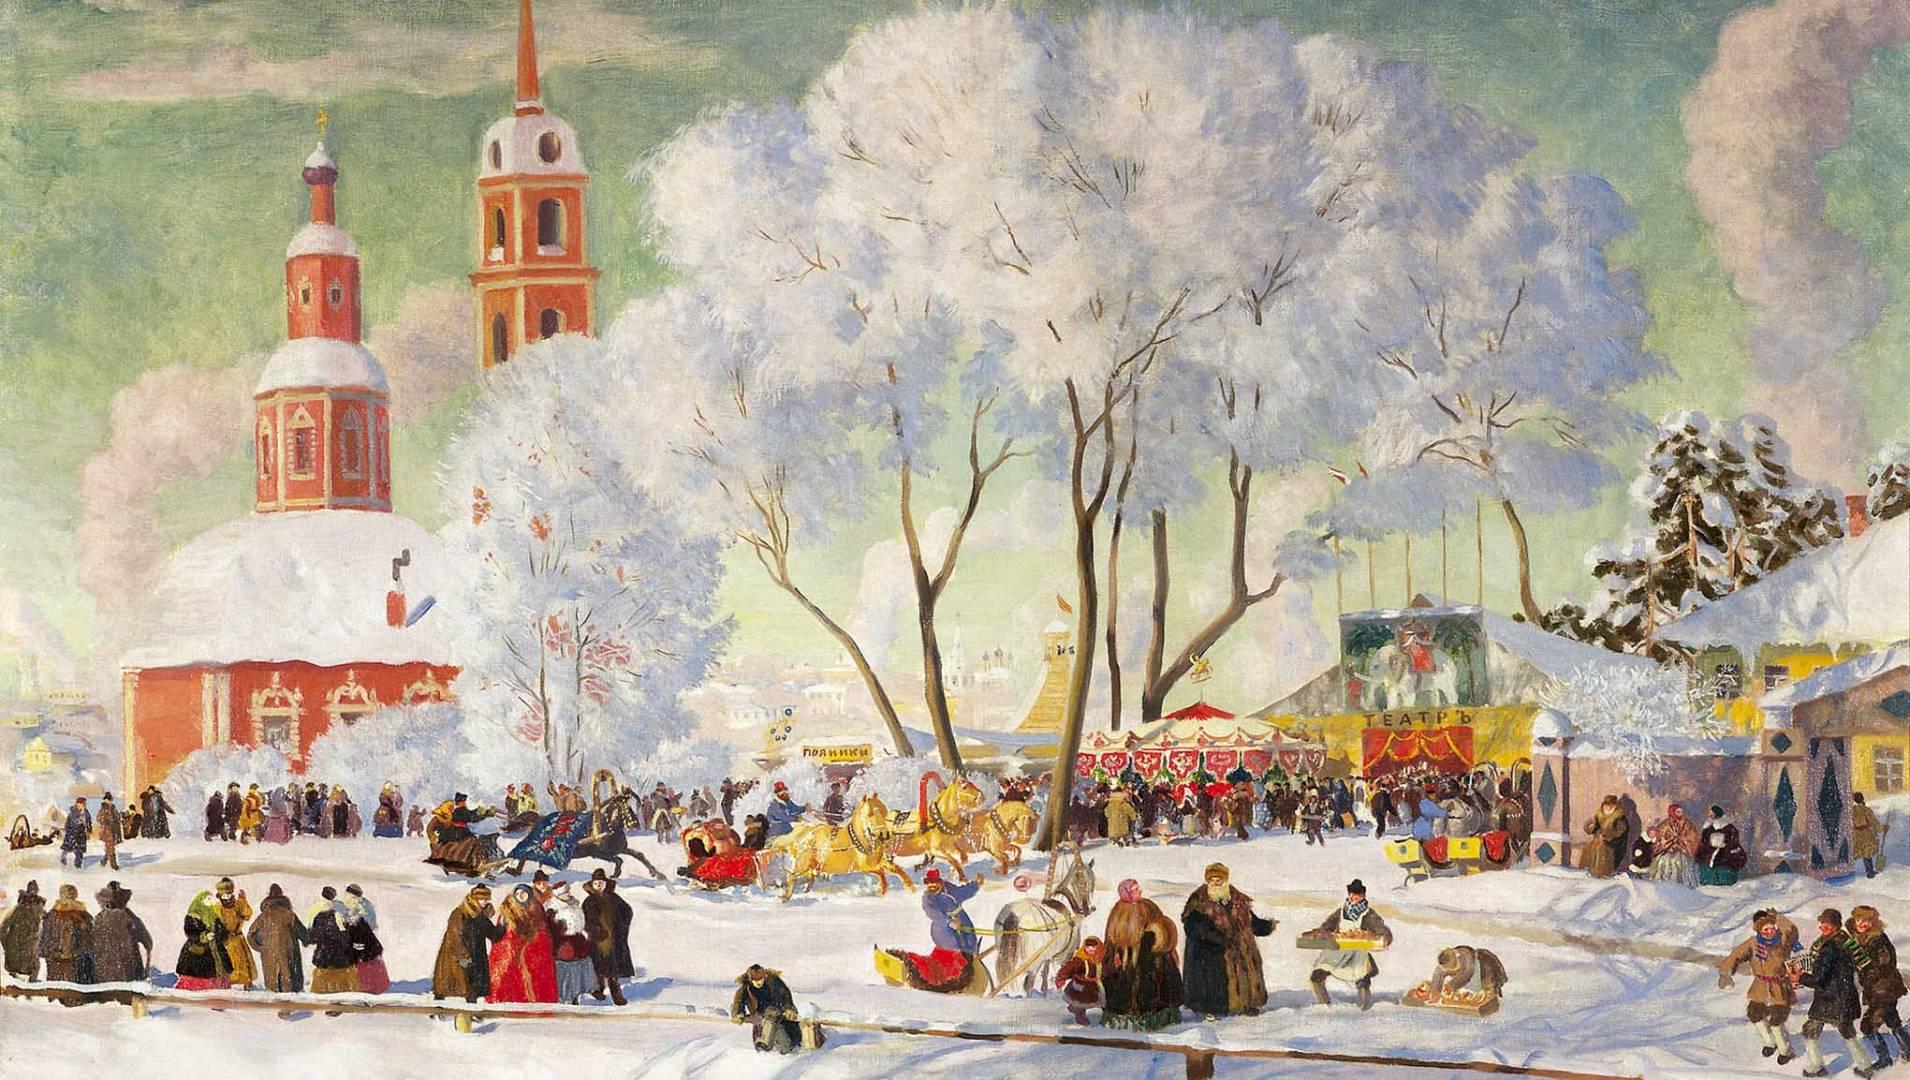 Рождество в России. Традиции праздника - Документальный фильм